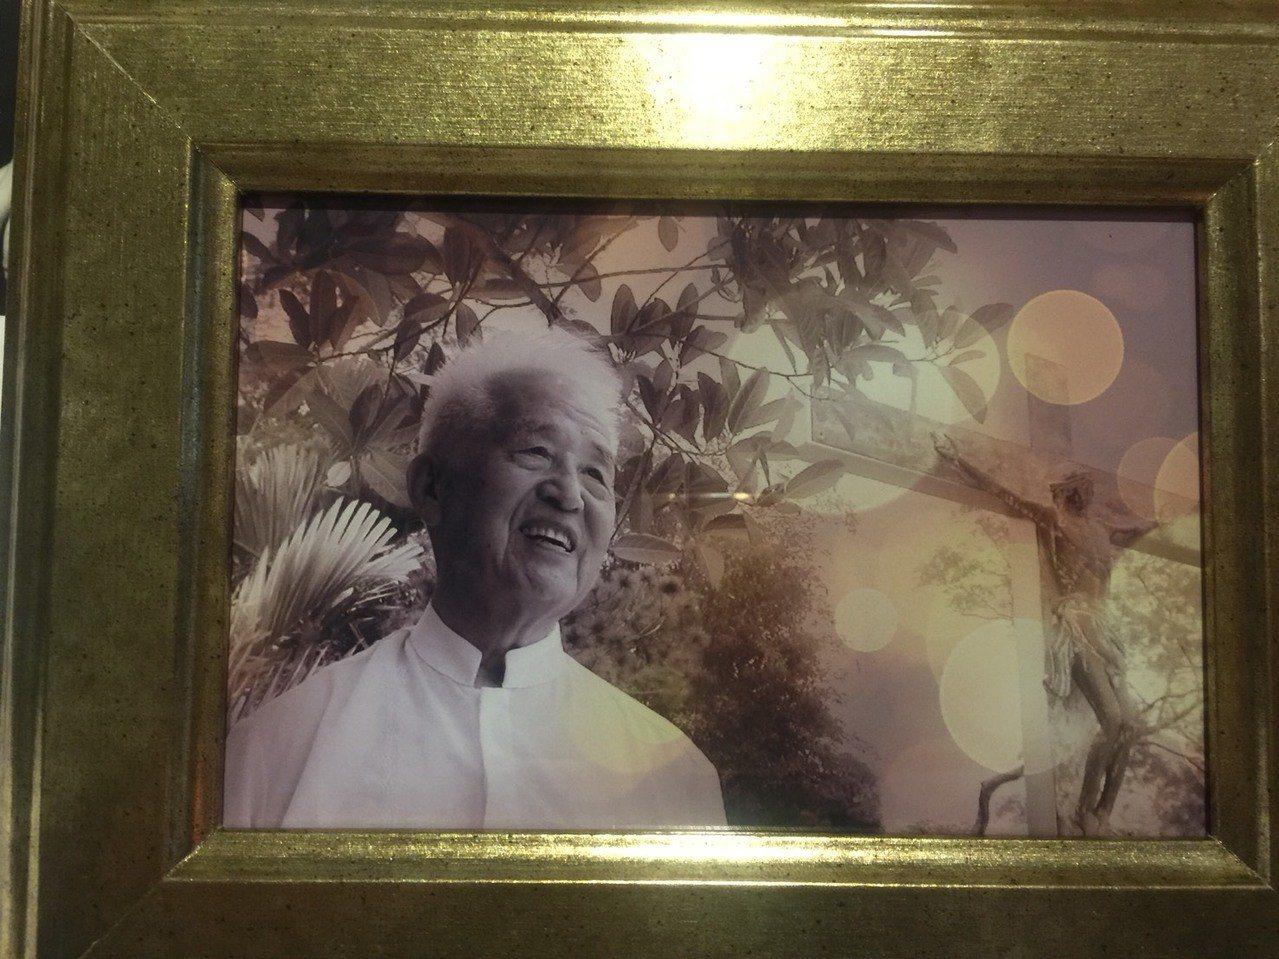 天主教聖言會傳教士百歲人瑞神父陳錫洵,21日蒙主寵召。記者魯永明/翻攝